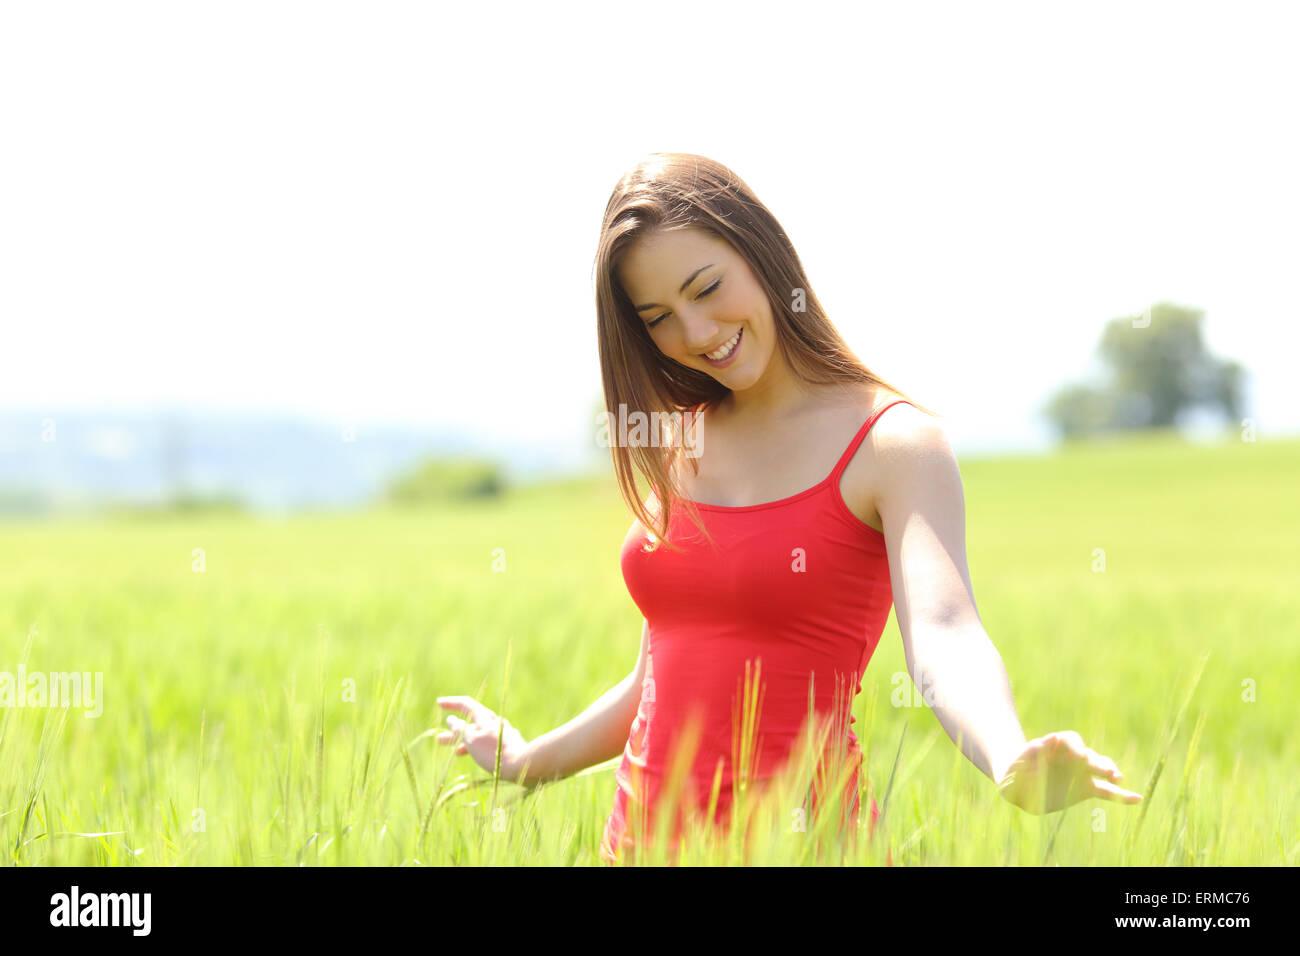 blog candid girl tgp